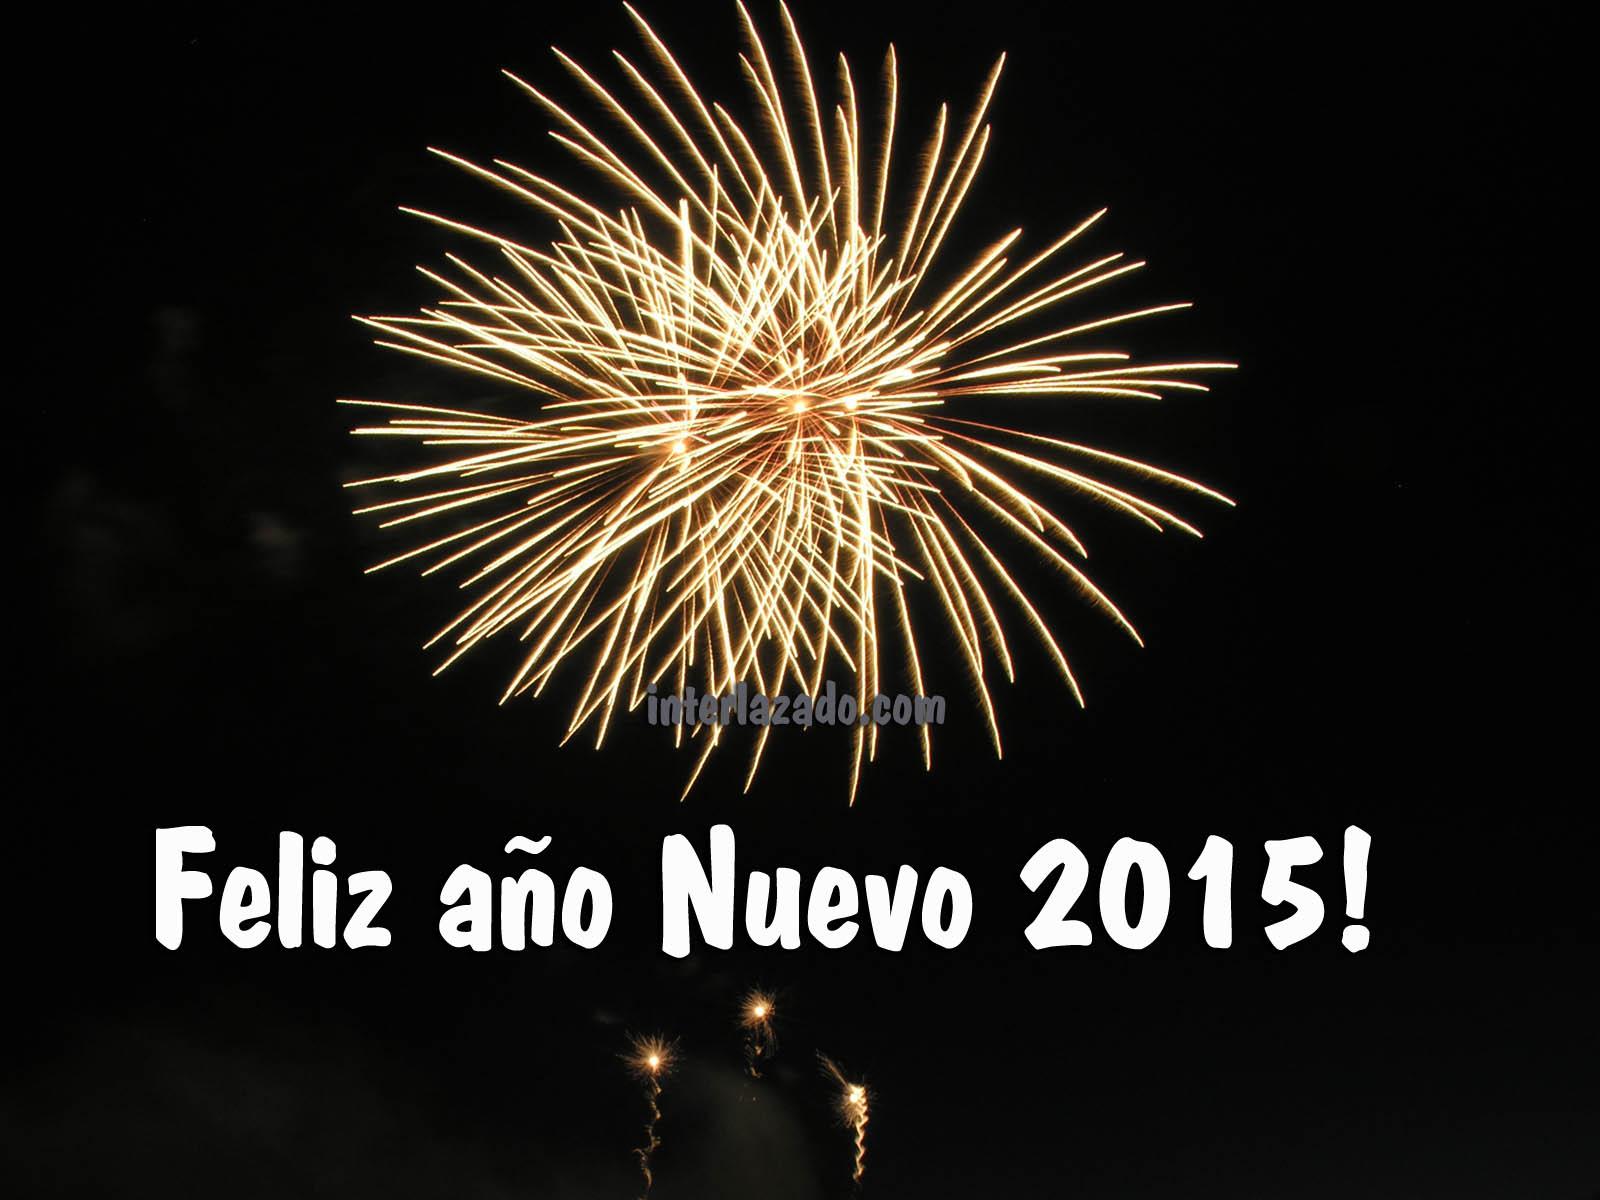 feliz año nuevo 2015 3 copia